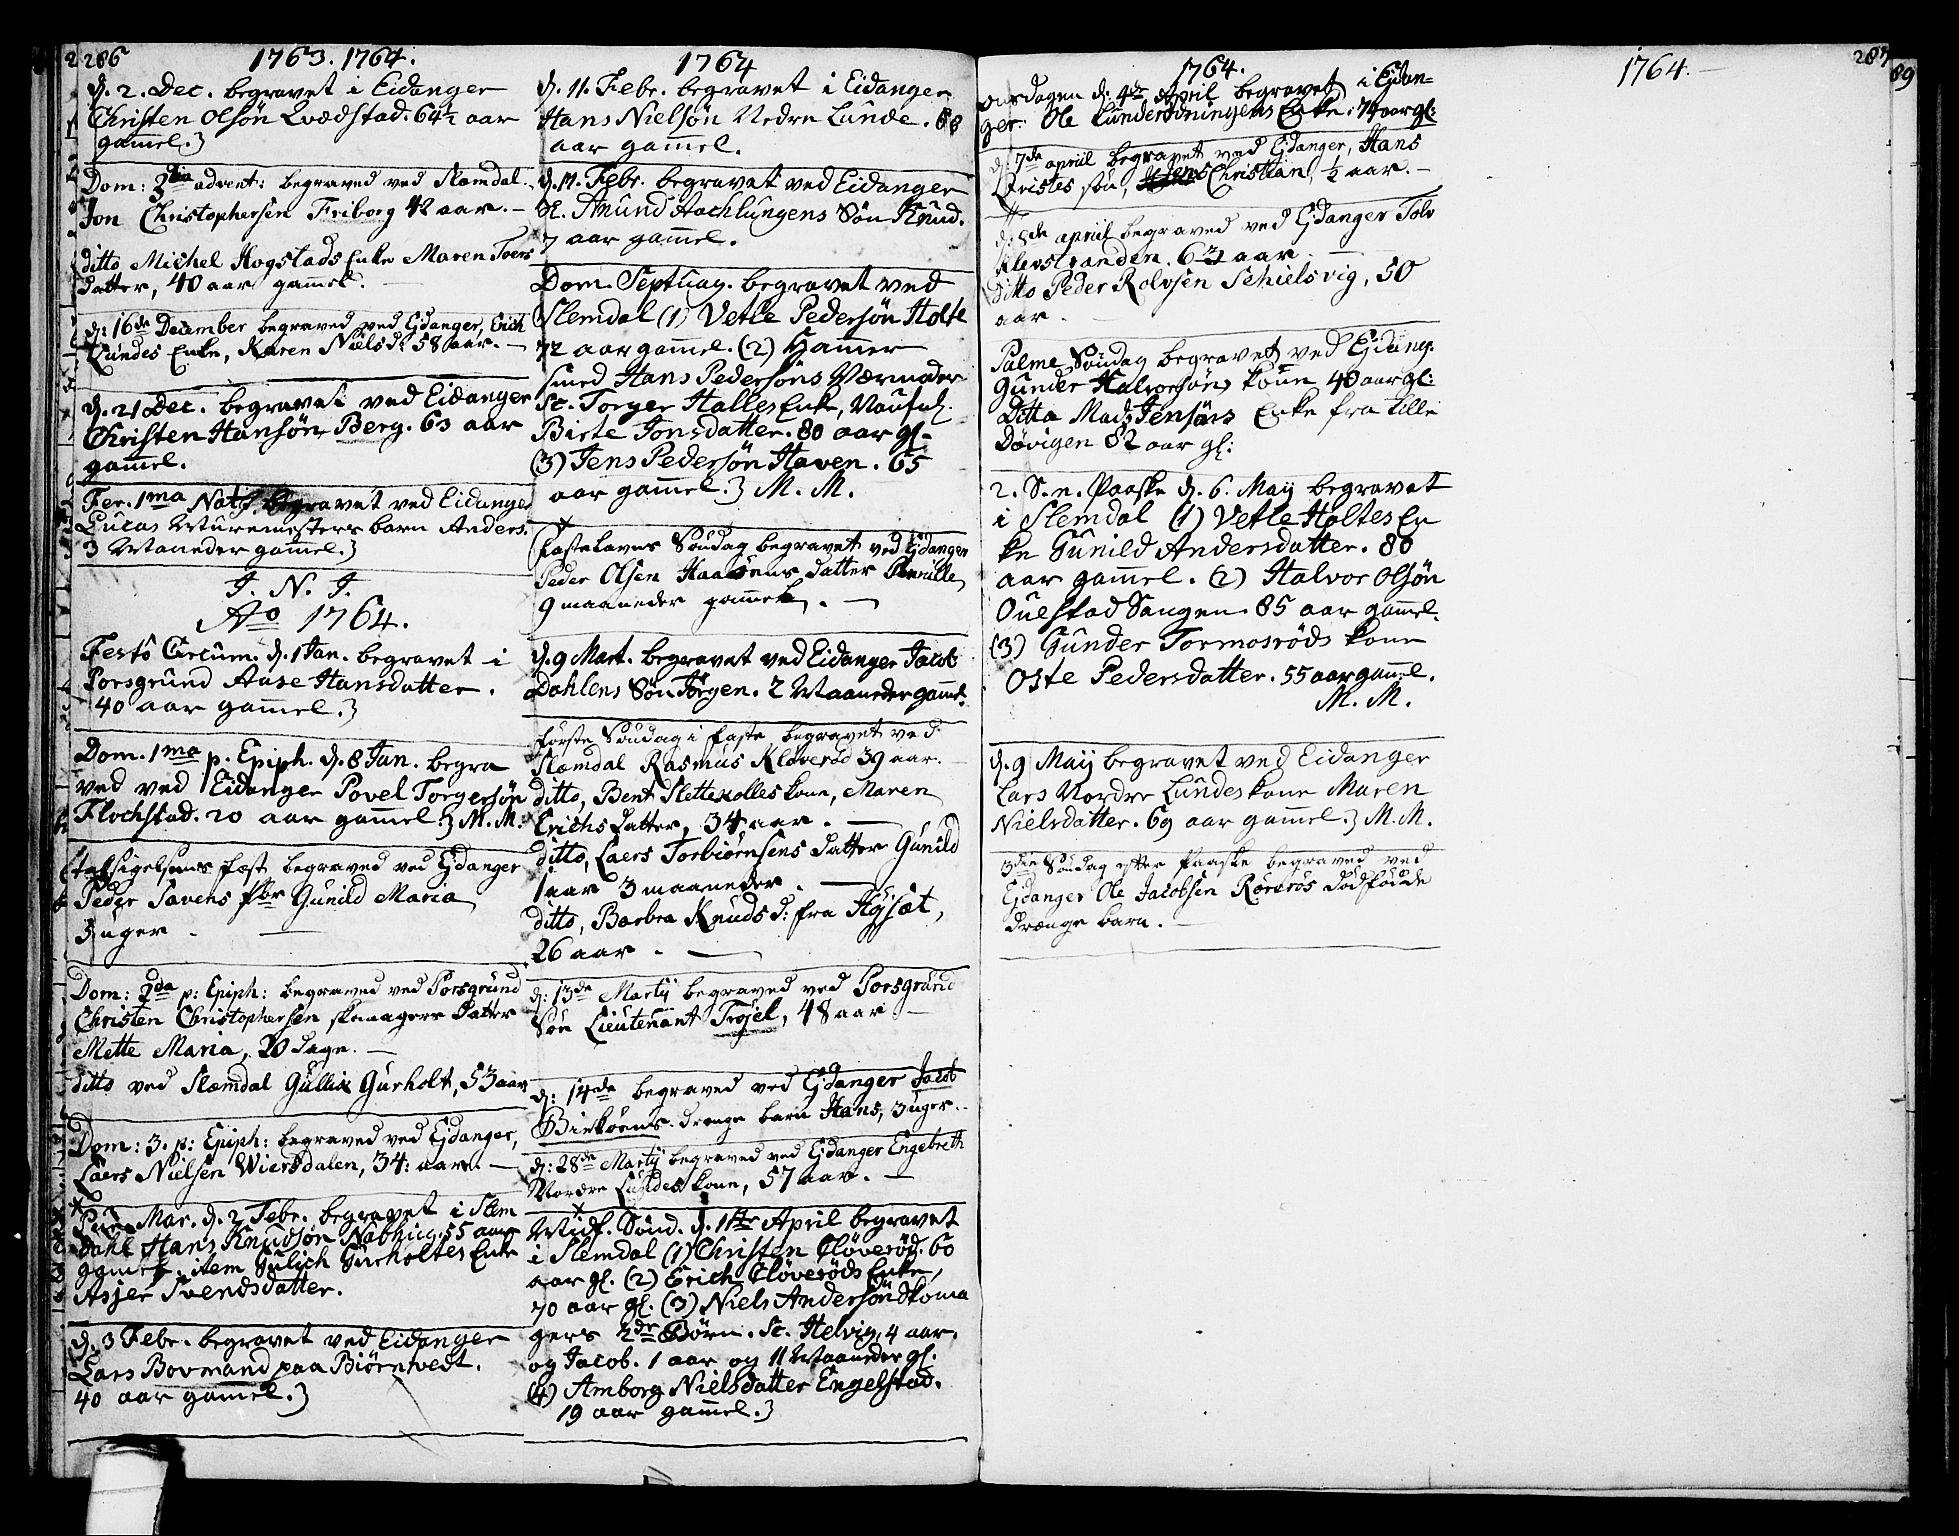 SAKO, Eidanger kirkebøker, F/Fa/L0005: Ministerialbok nr. 5, 1760-1764, s. 286-287